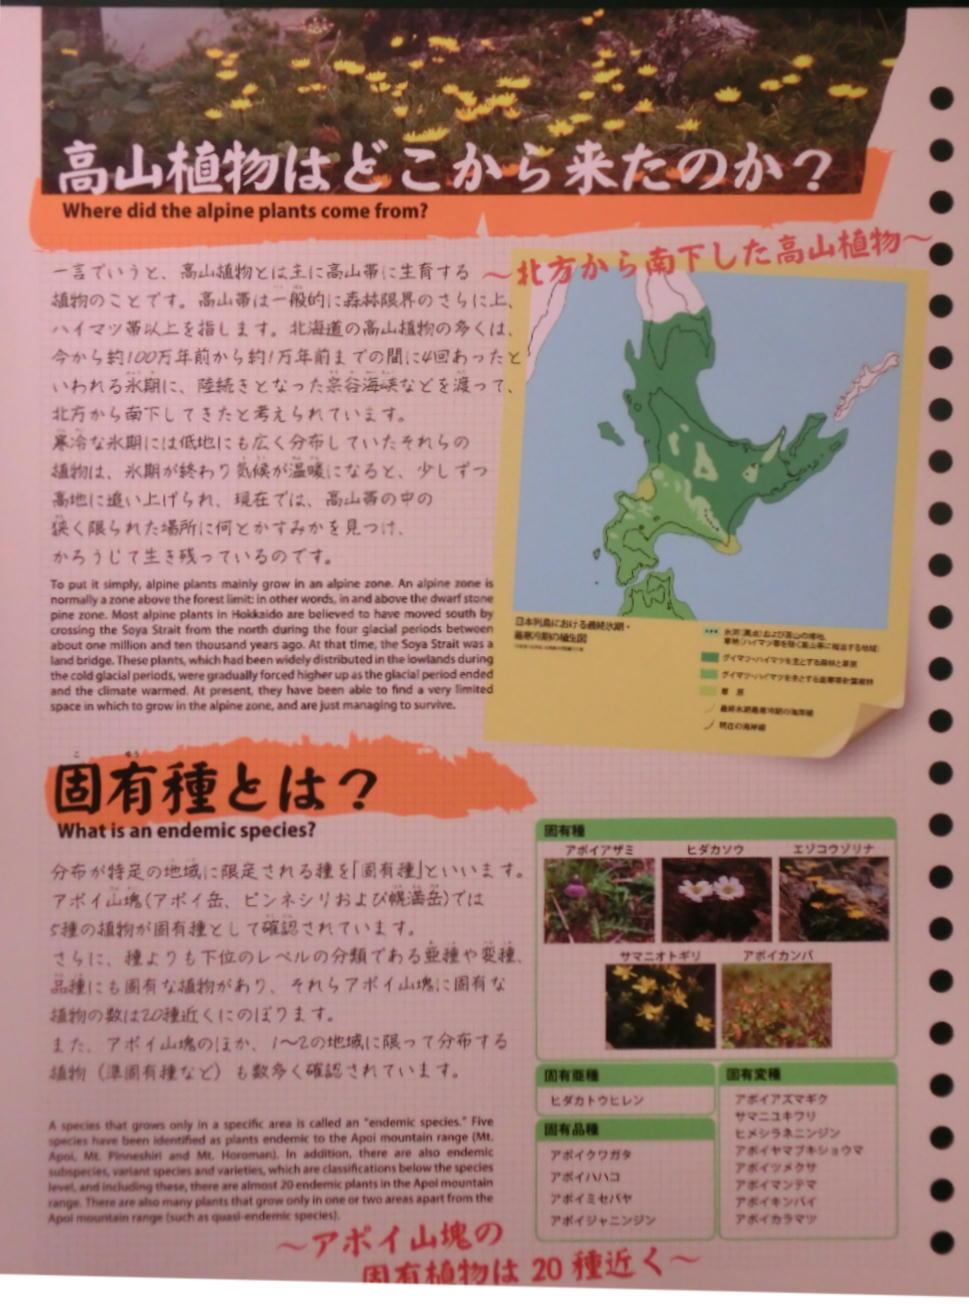 シノリガモ  アポイ岳の高山植物に逢う前に。 2014.5.25北海道04_a0146869_2215083.jpg